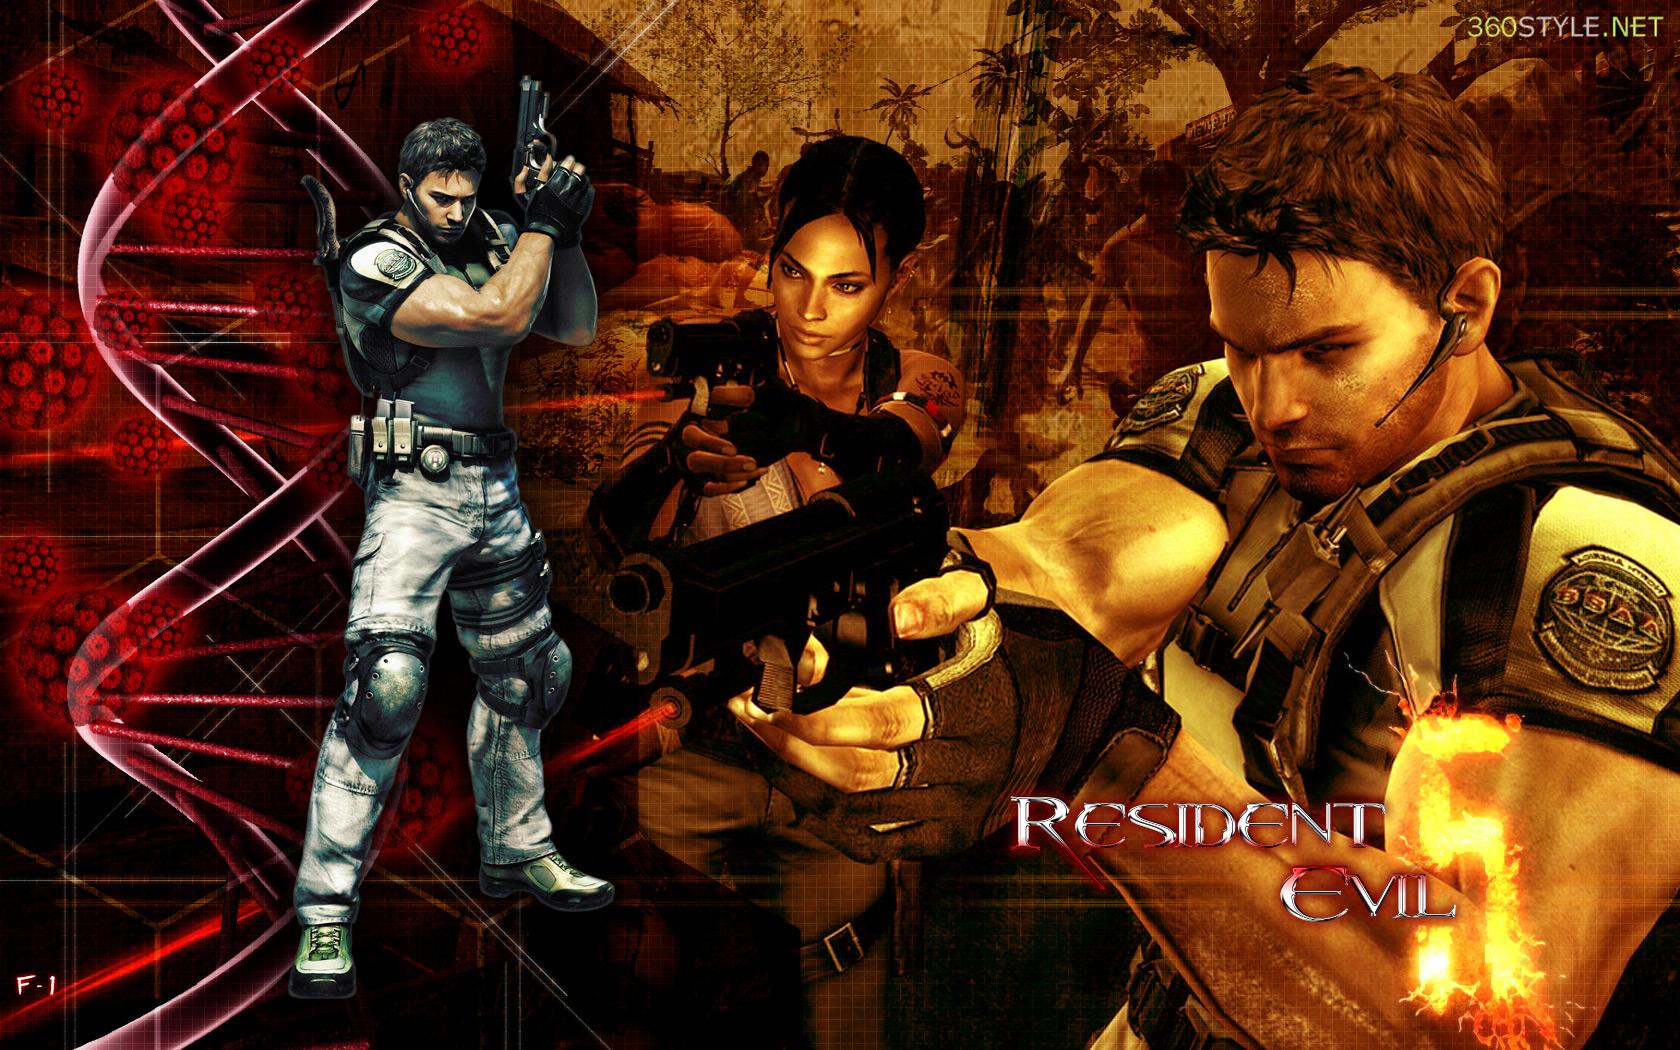 Resident evil 5 pc mega full identi - Wallpaper resident evil 5 ...